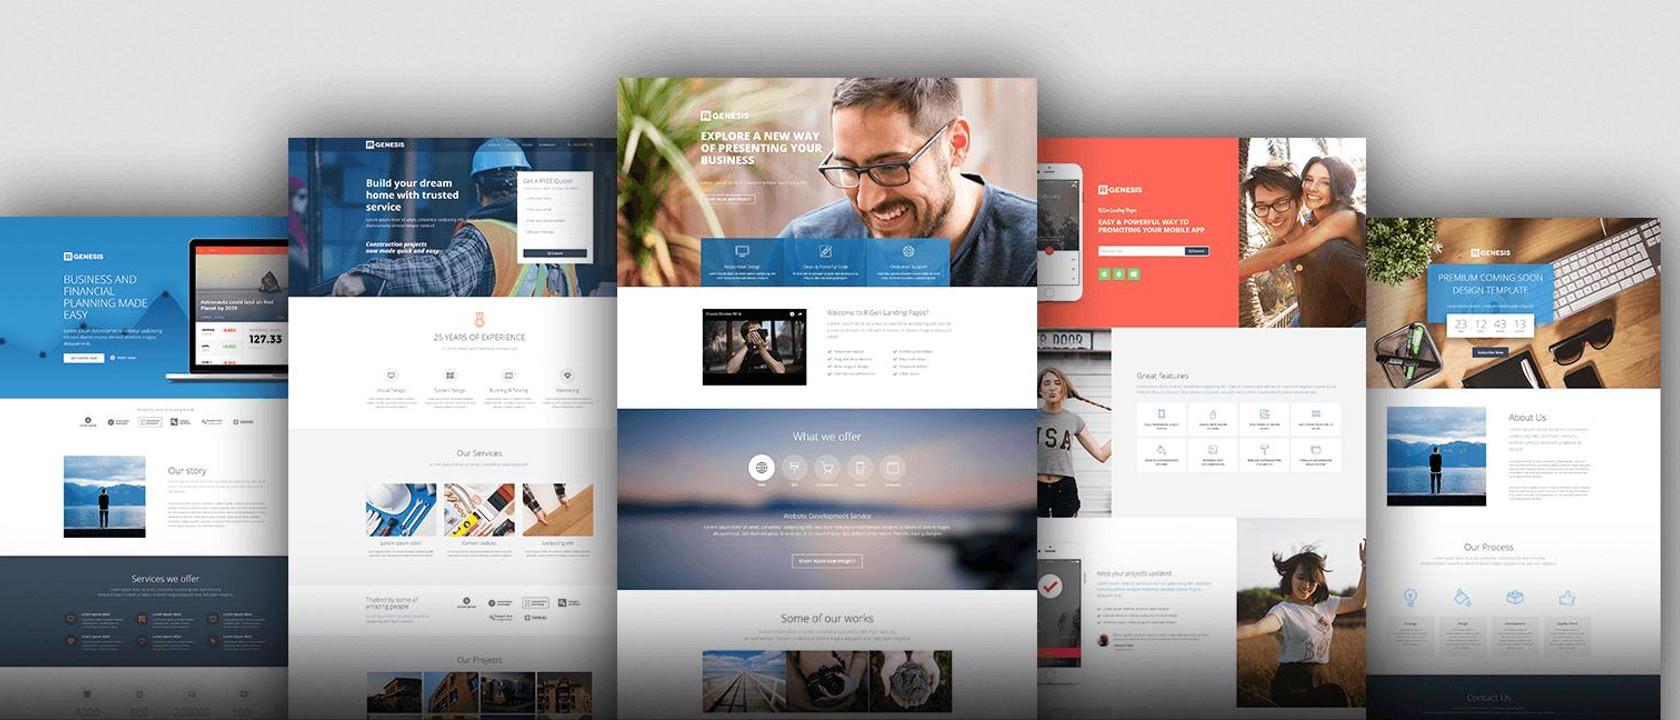 Ejemplos de diseños para páginas webs